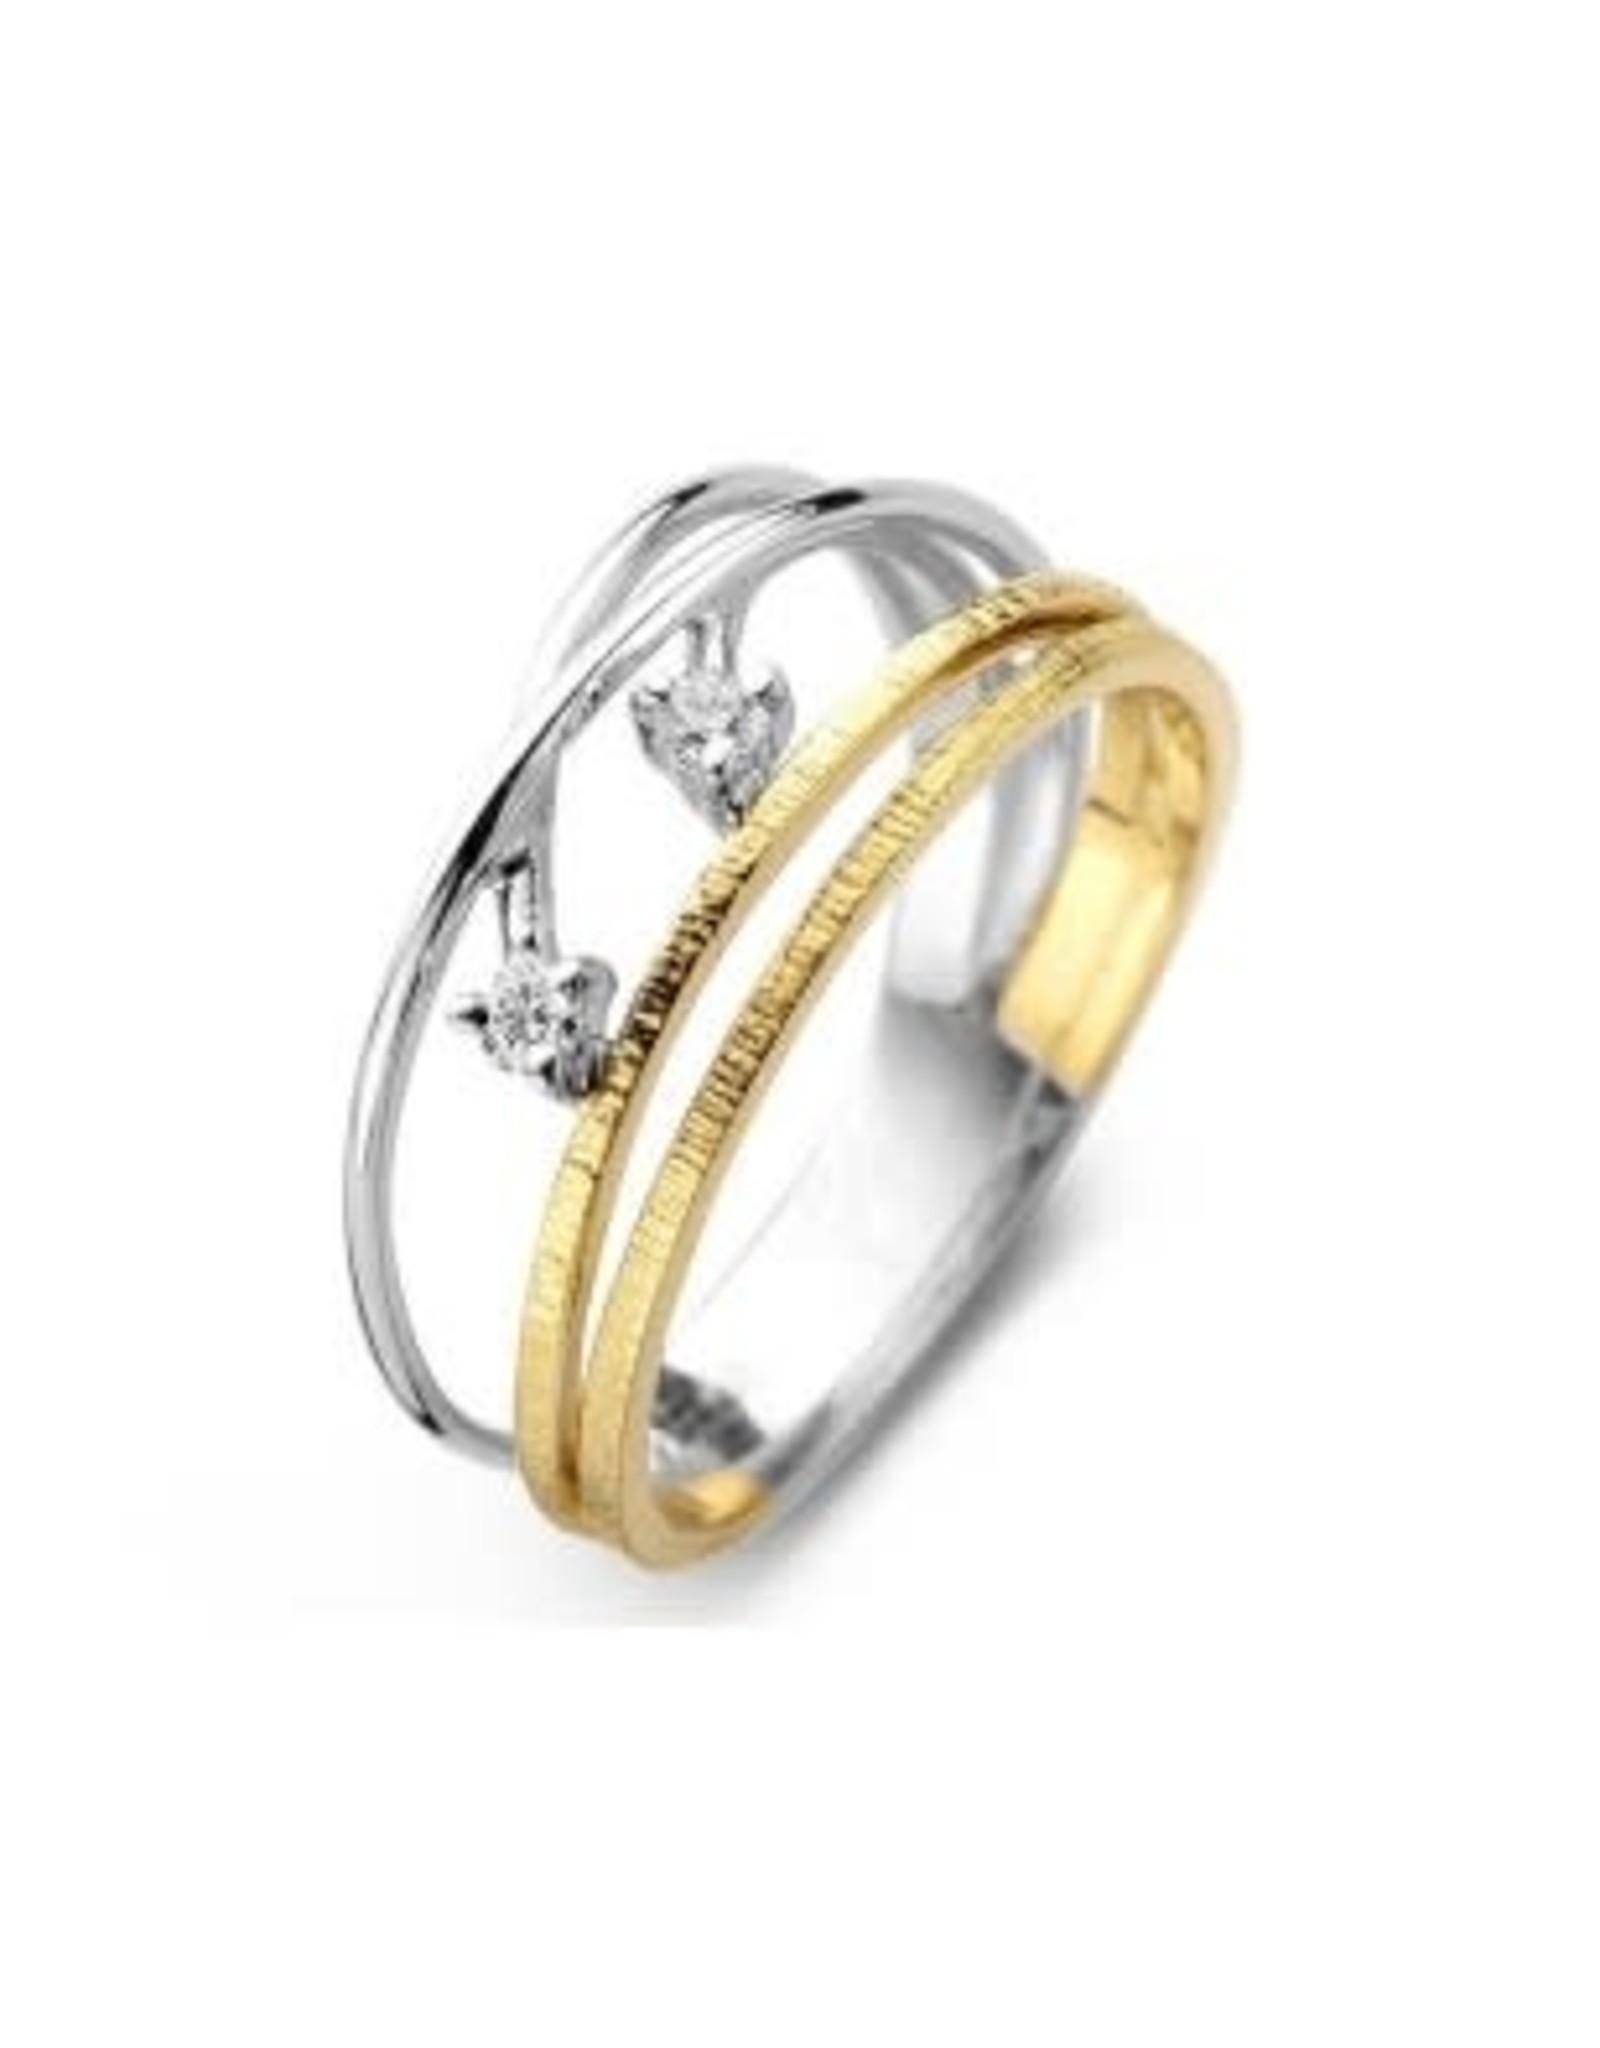 Ring Bicolor Wit/Geel Goud 18kt SR3436BB